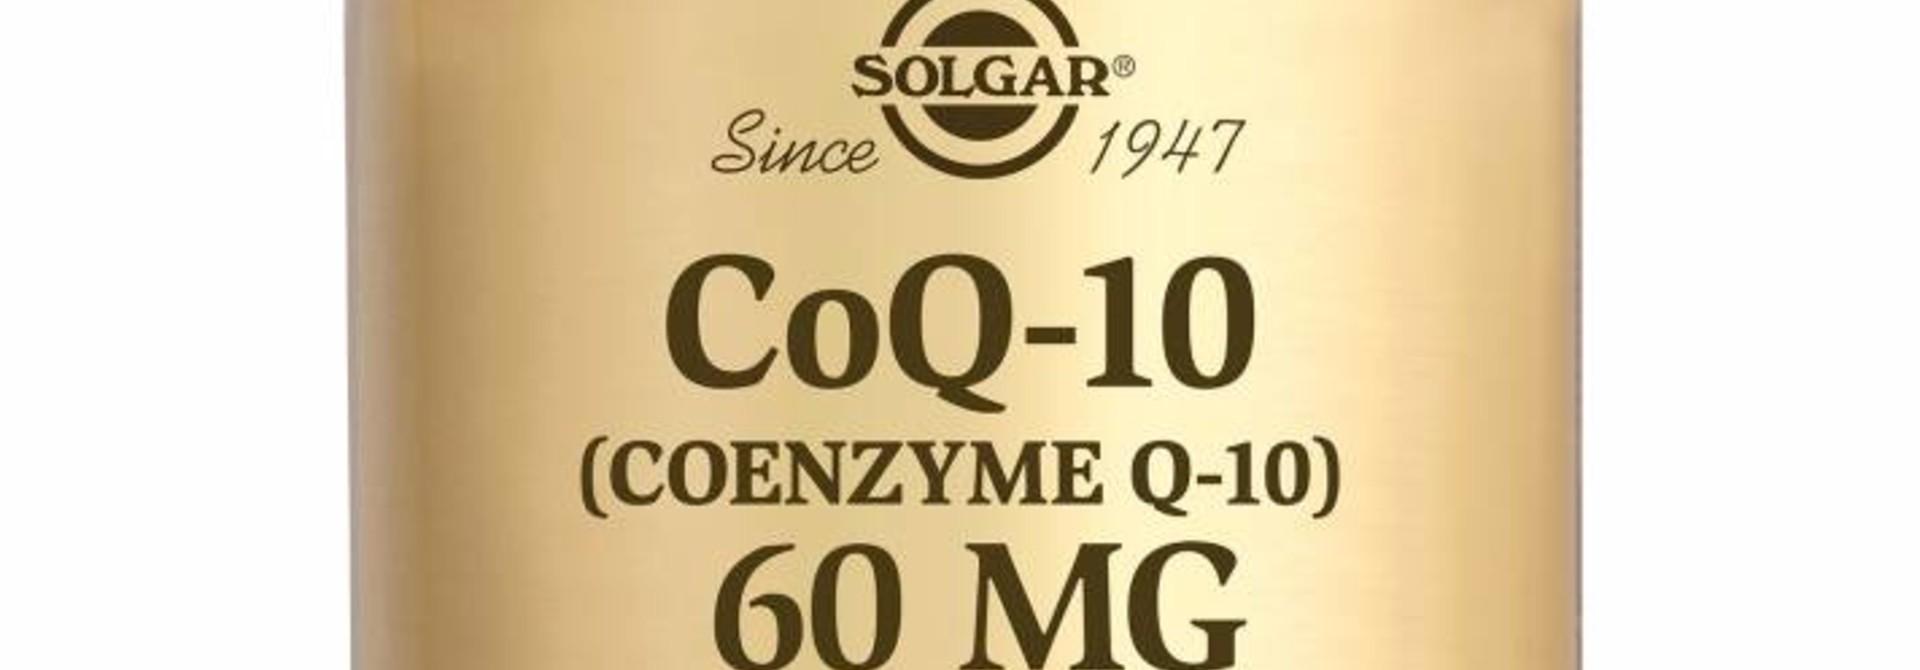 Co-Enzyme Q-10 60 mg 30 plantaardige capsules